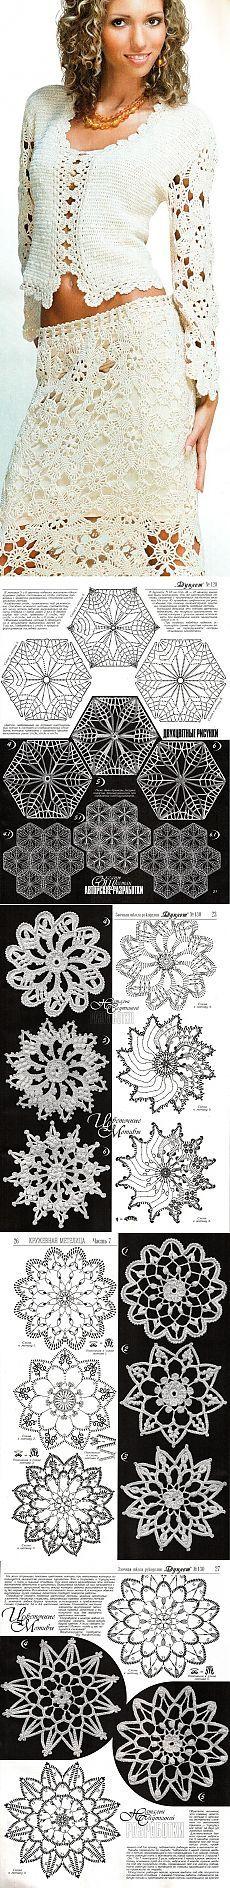 Mejores 217 imágenes de chaquetas de crochet en Pinterest   Afligido ...